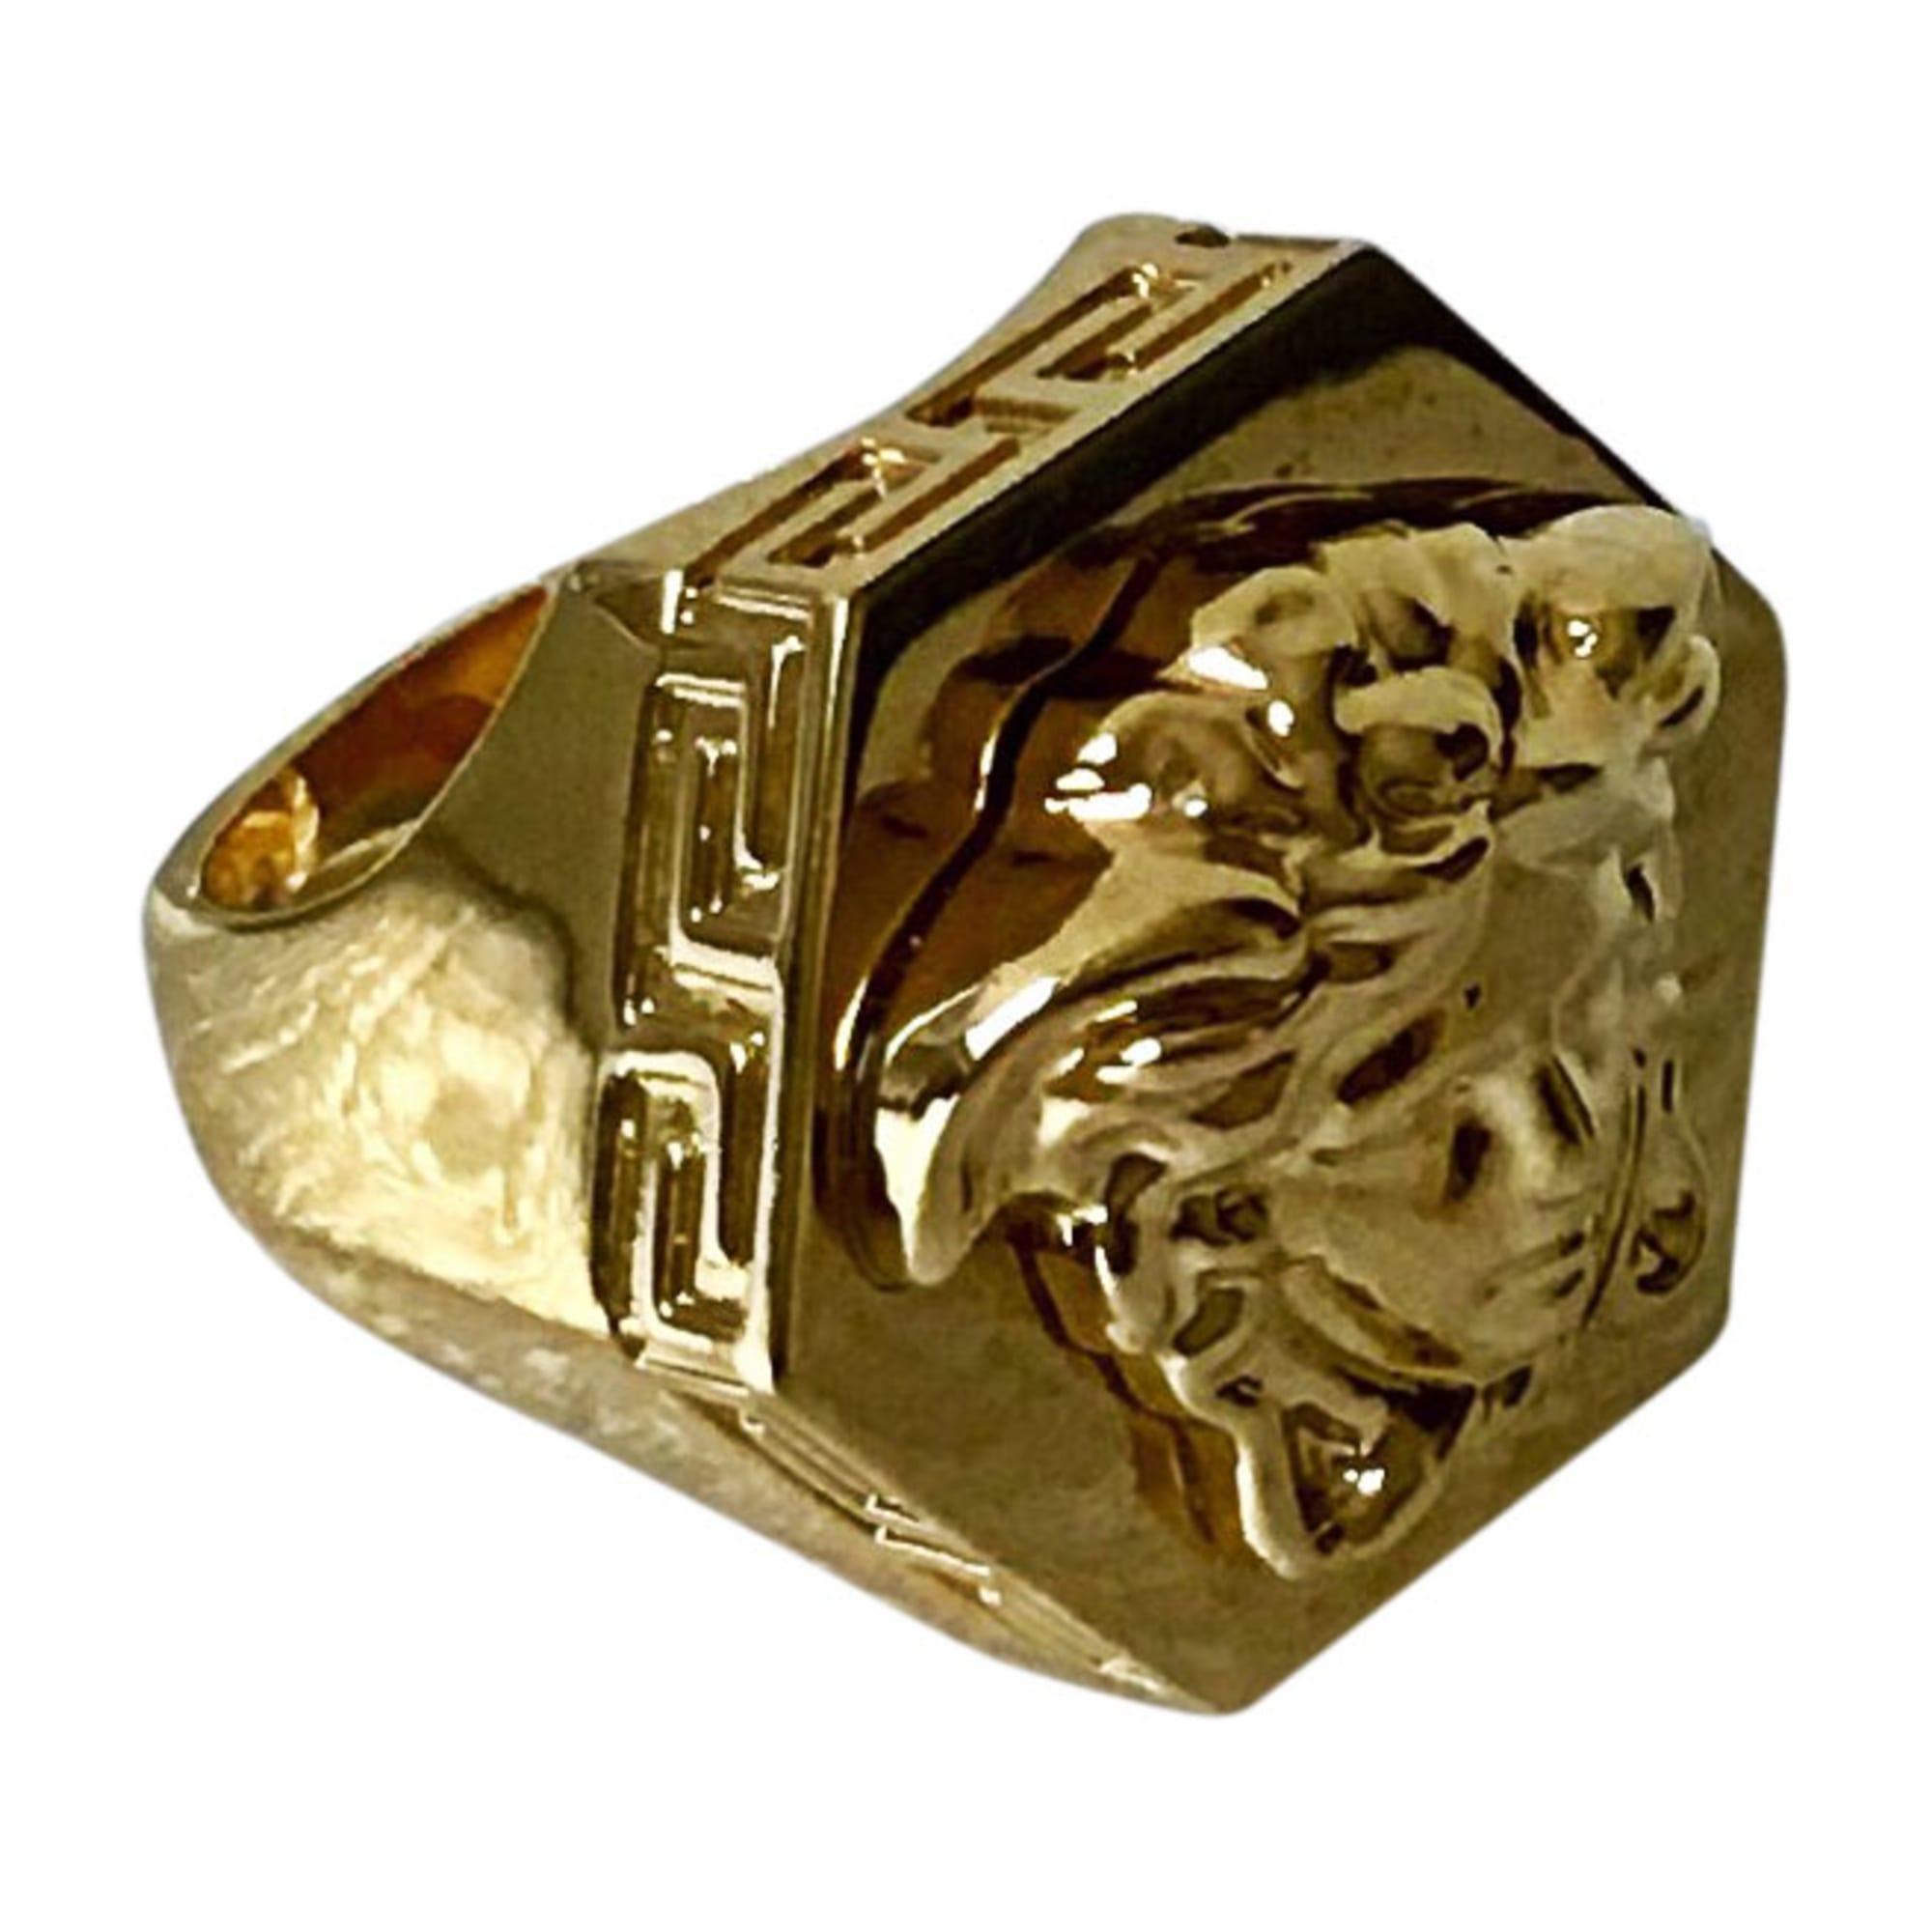 Bague VERSACE 63 doré vendu par Fethi 17 - 7816569 dee1307c68b